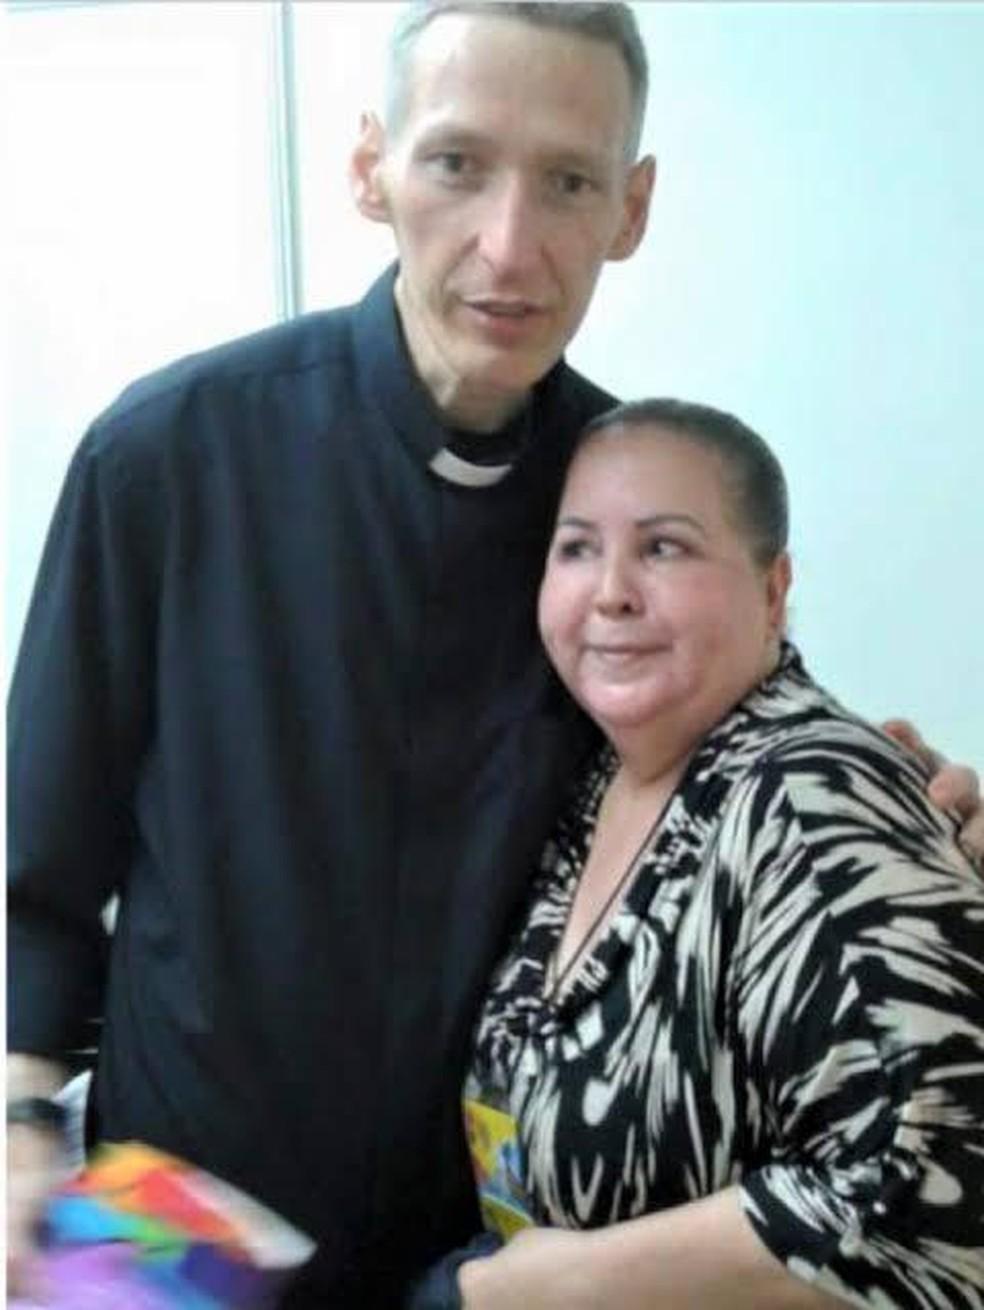 Izaura de Mello em foto com o padre Marcelo Rossi em um evento sobre o livro Ágape — Foto: Reprodução/Redes Sociais